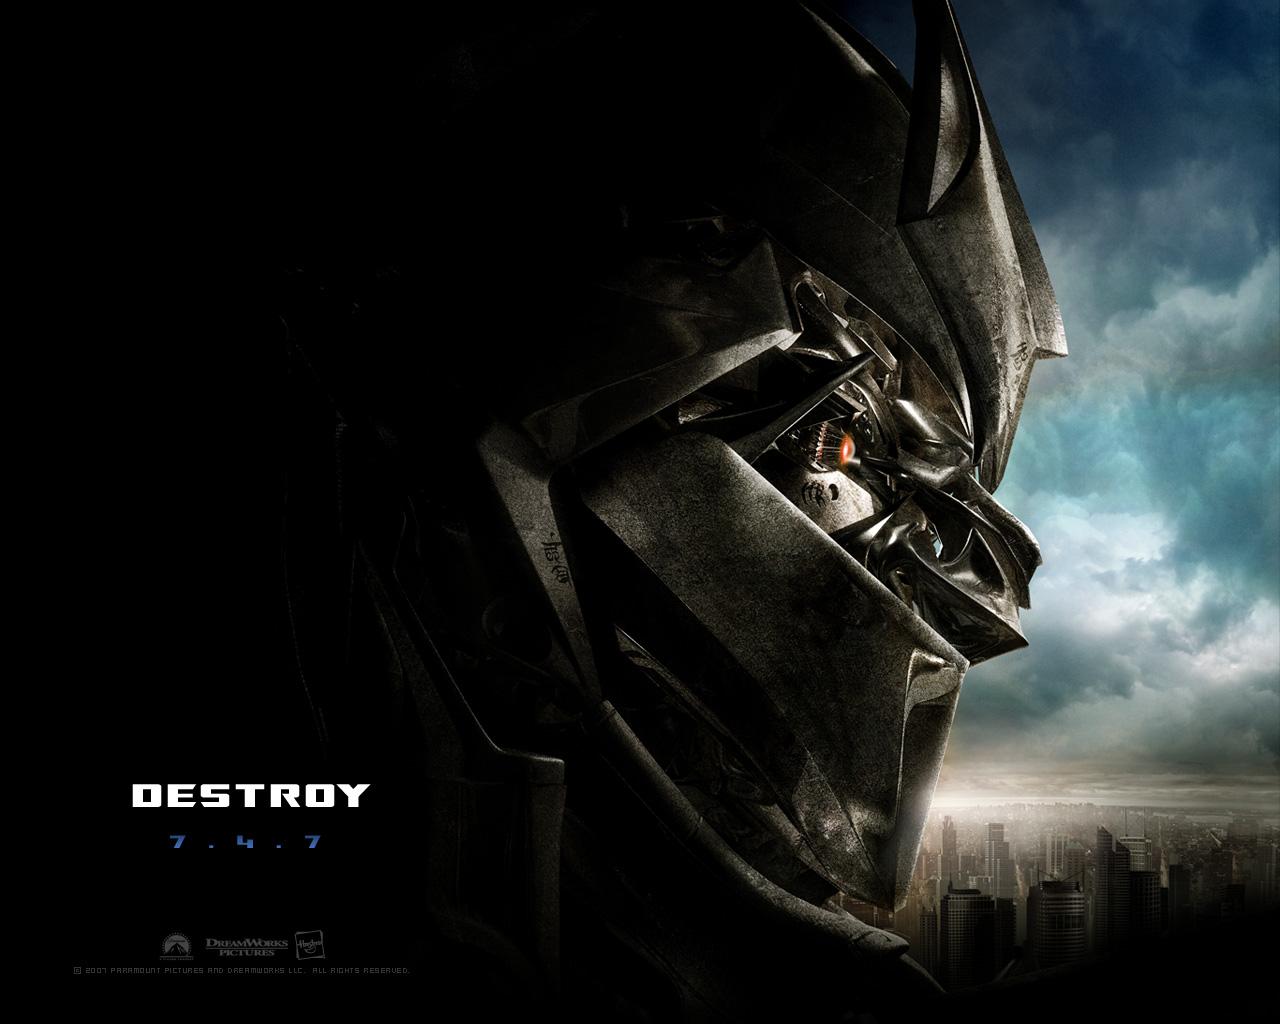 http://4.bp.blogspot.com/-Bf2BI0e8Uhs/ThEaUvvCI8I/AAAAAAAADyc/PKrXCjtw2KY/s1600/Transformers_Wallpaper.jpg